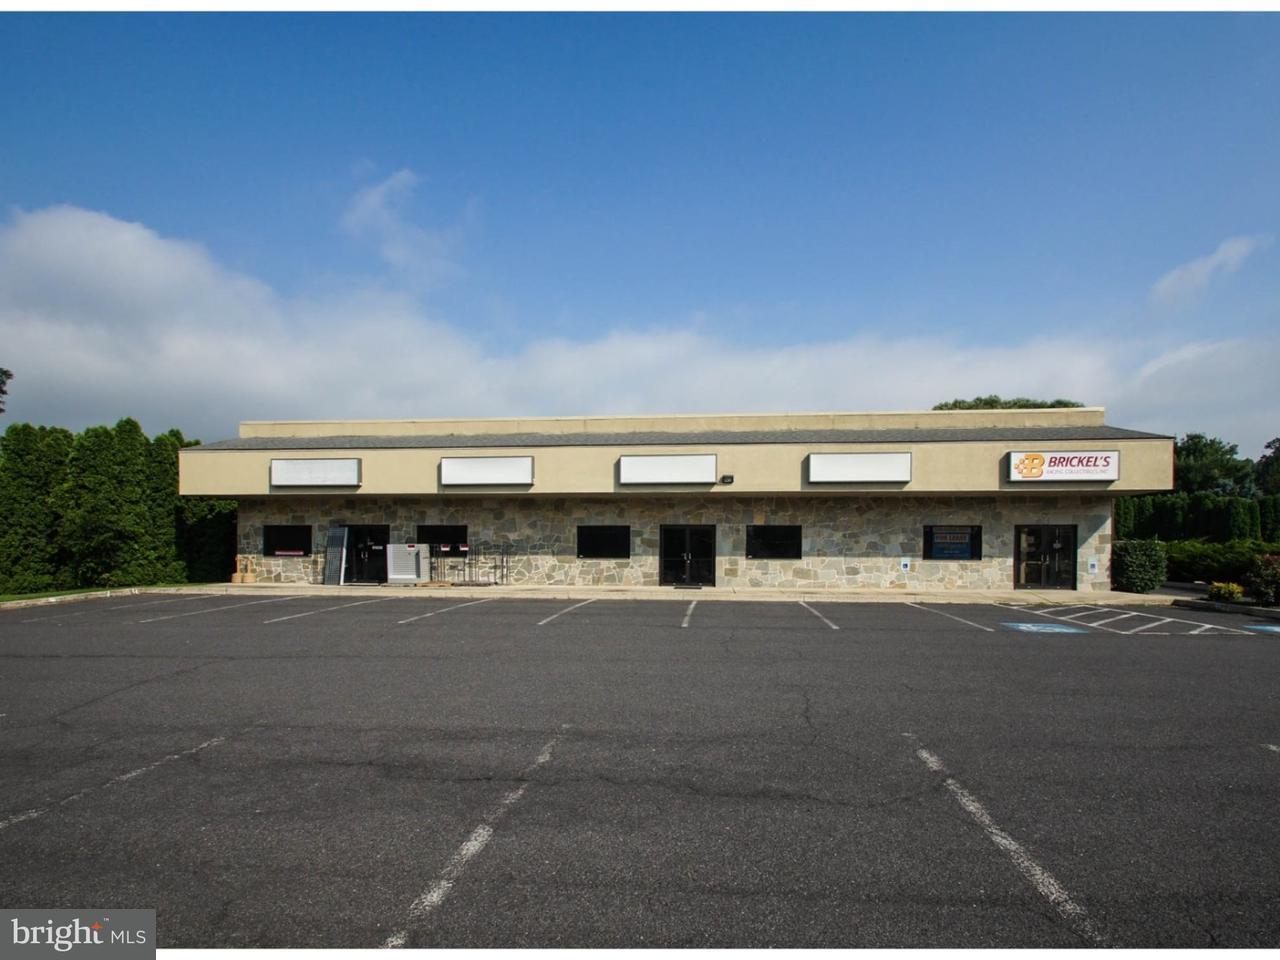 Частный односемейный дом для того Продажа на 8537 ALLENTOWN PIKE Blandon, Пенсильвания 19510 Соединенные Штаты